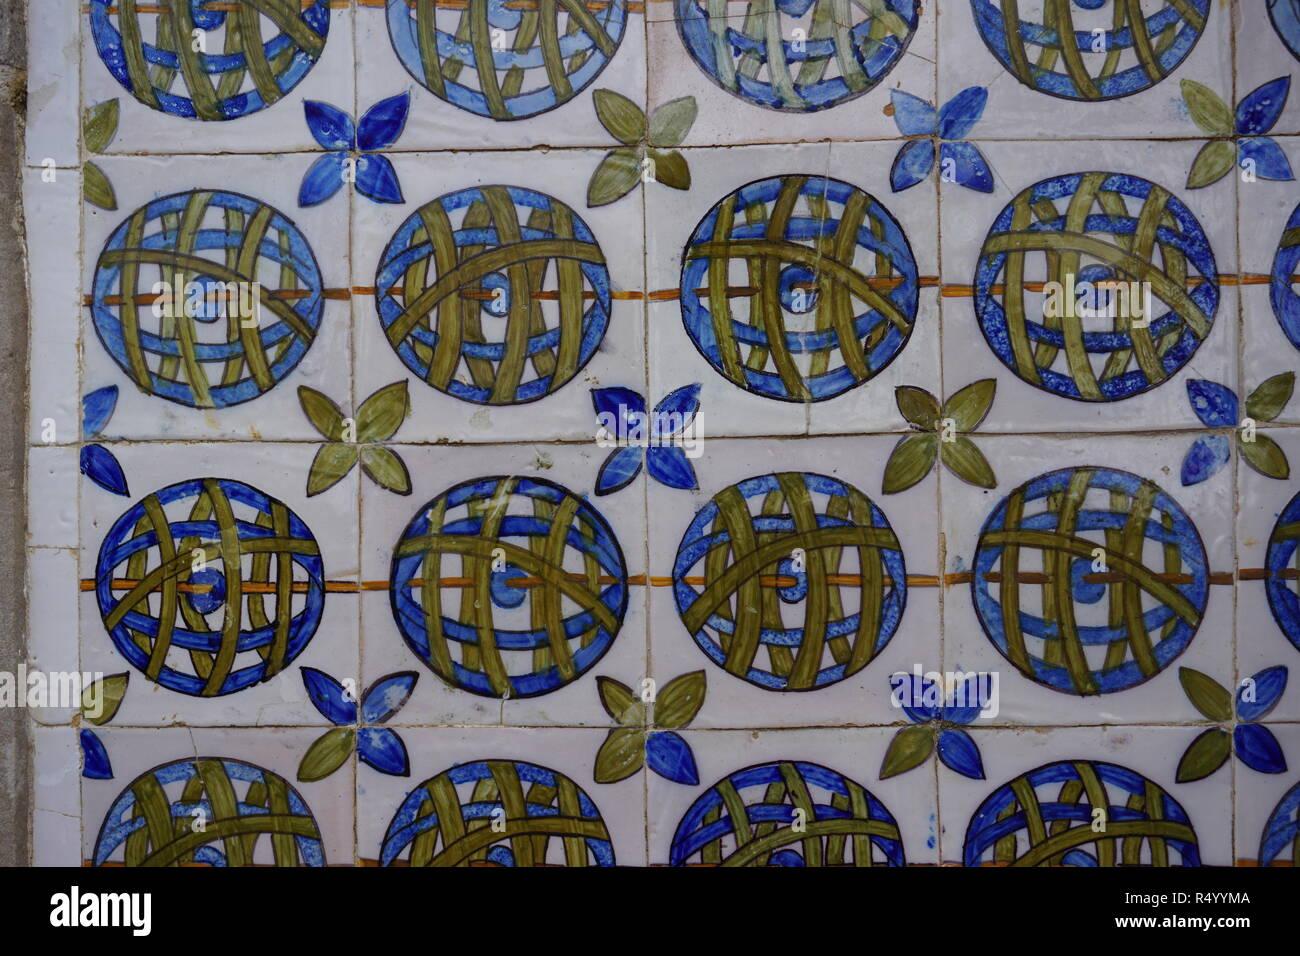 Azulejos sintra portugal immagini azulejos sintra portugal fotos